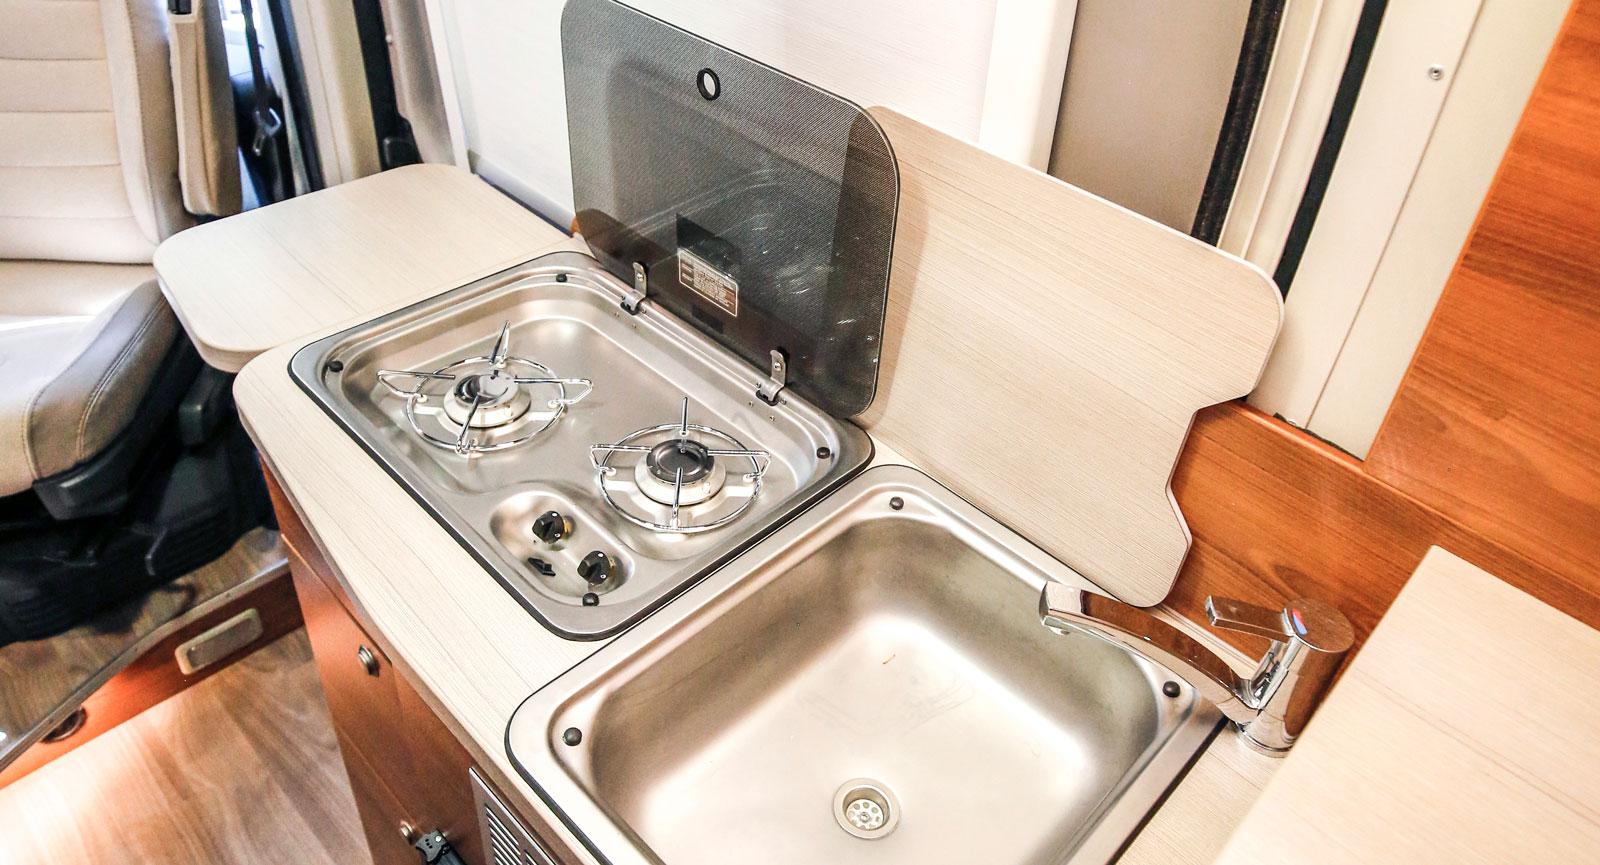 Köksmodul enligt klassisk plåtis-design med tvålågig spis.